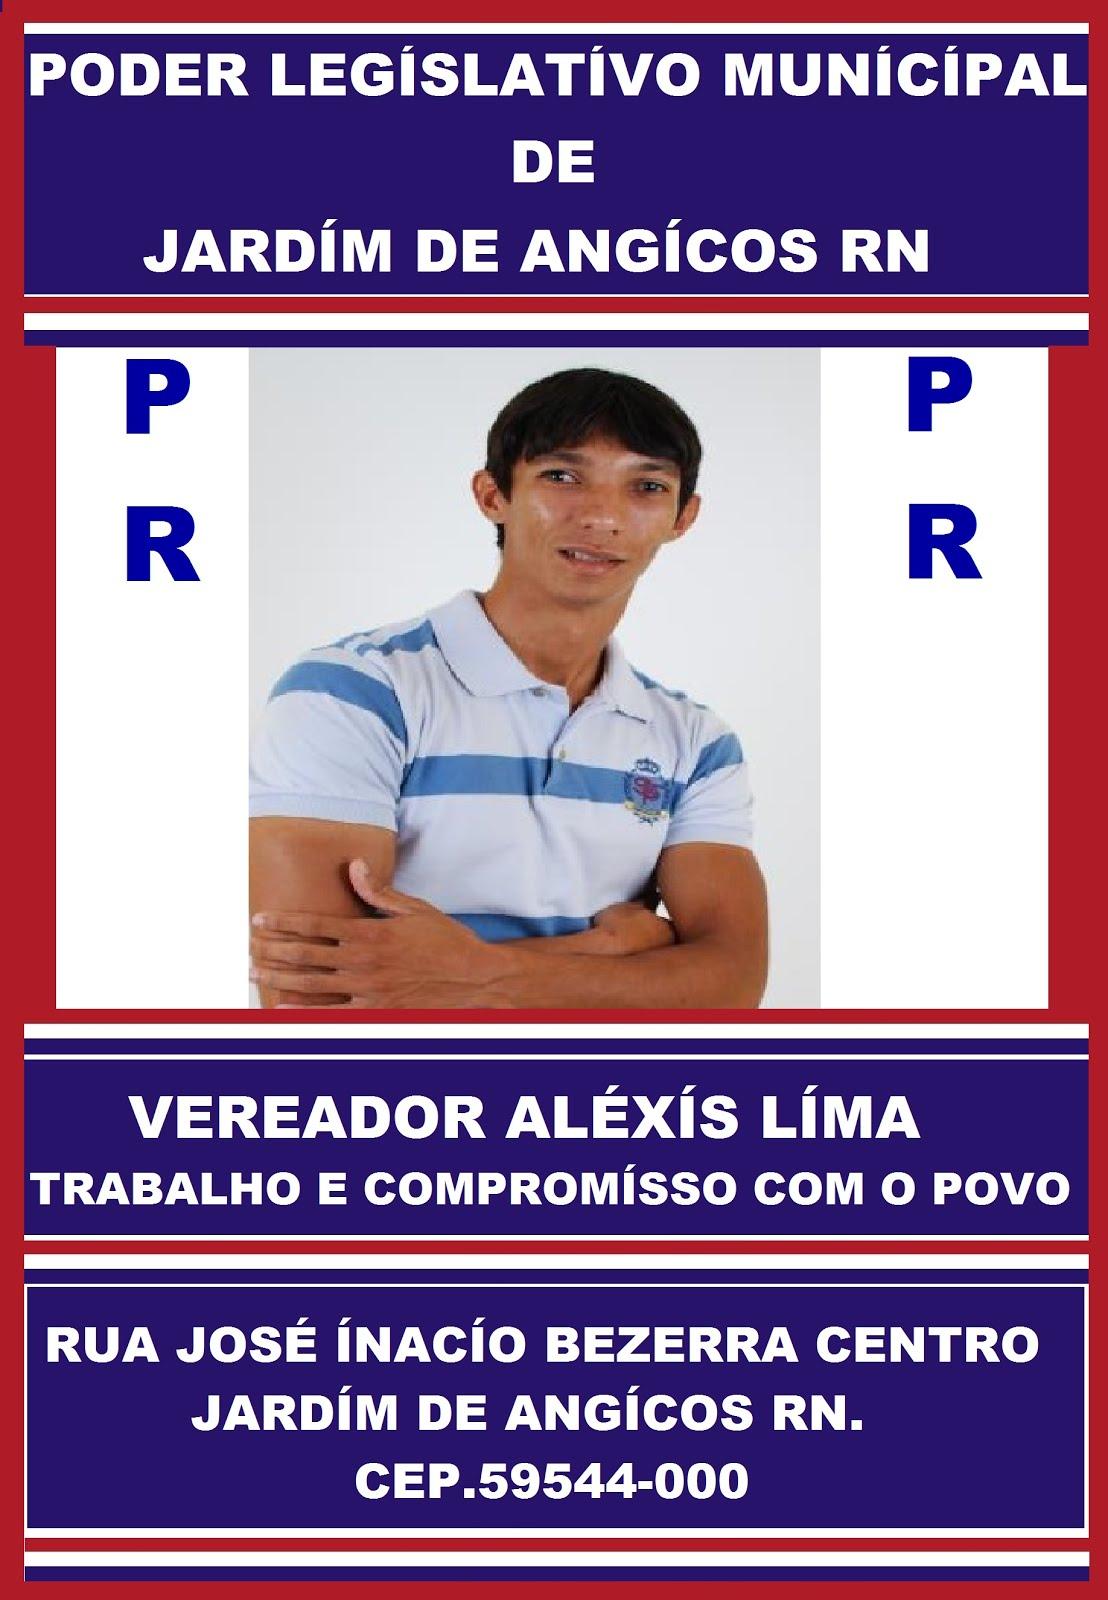 VEREADOR ALEXÍS LIMA JD RN